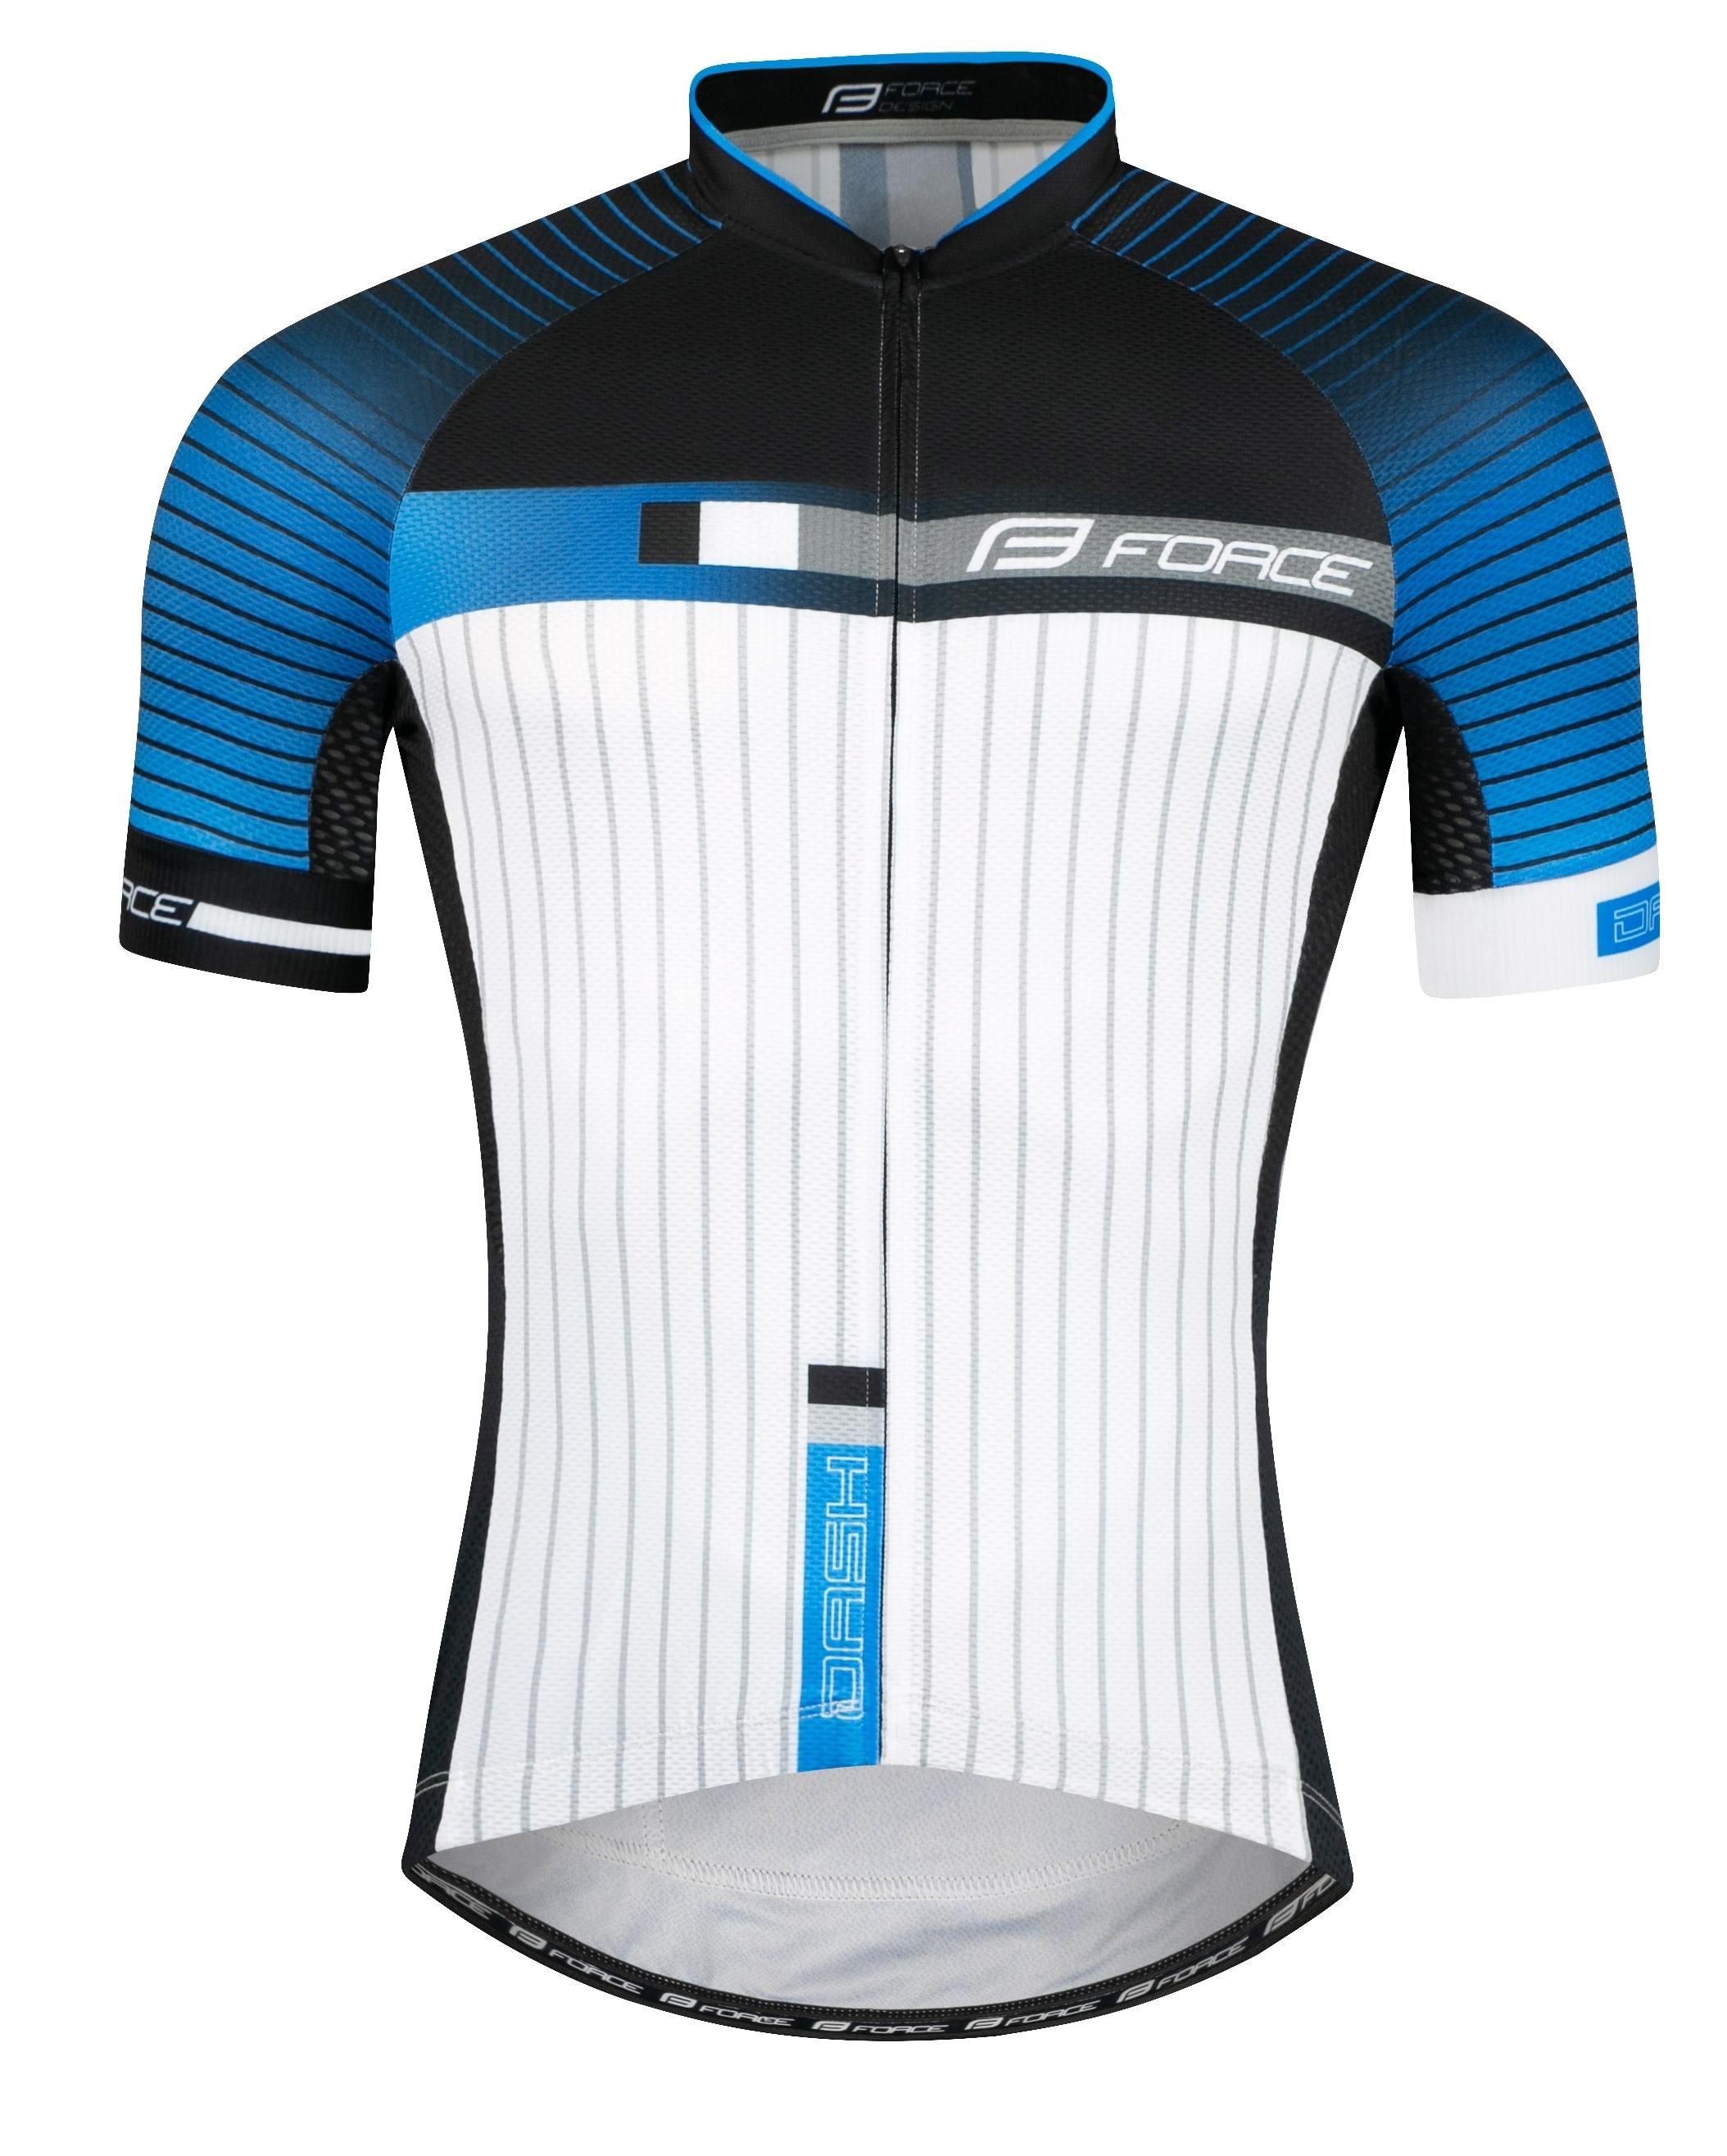 dres FORCE DASH krátký rukáv,modro-černo-bílý L